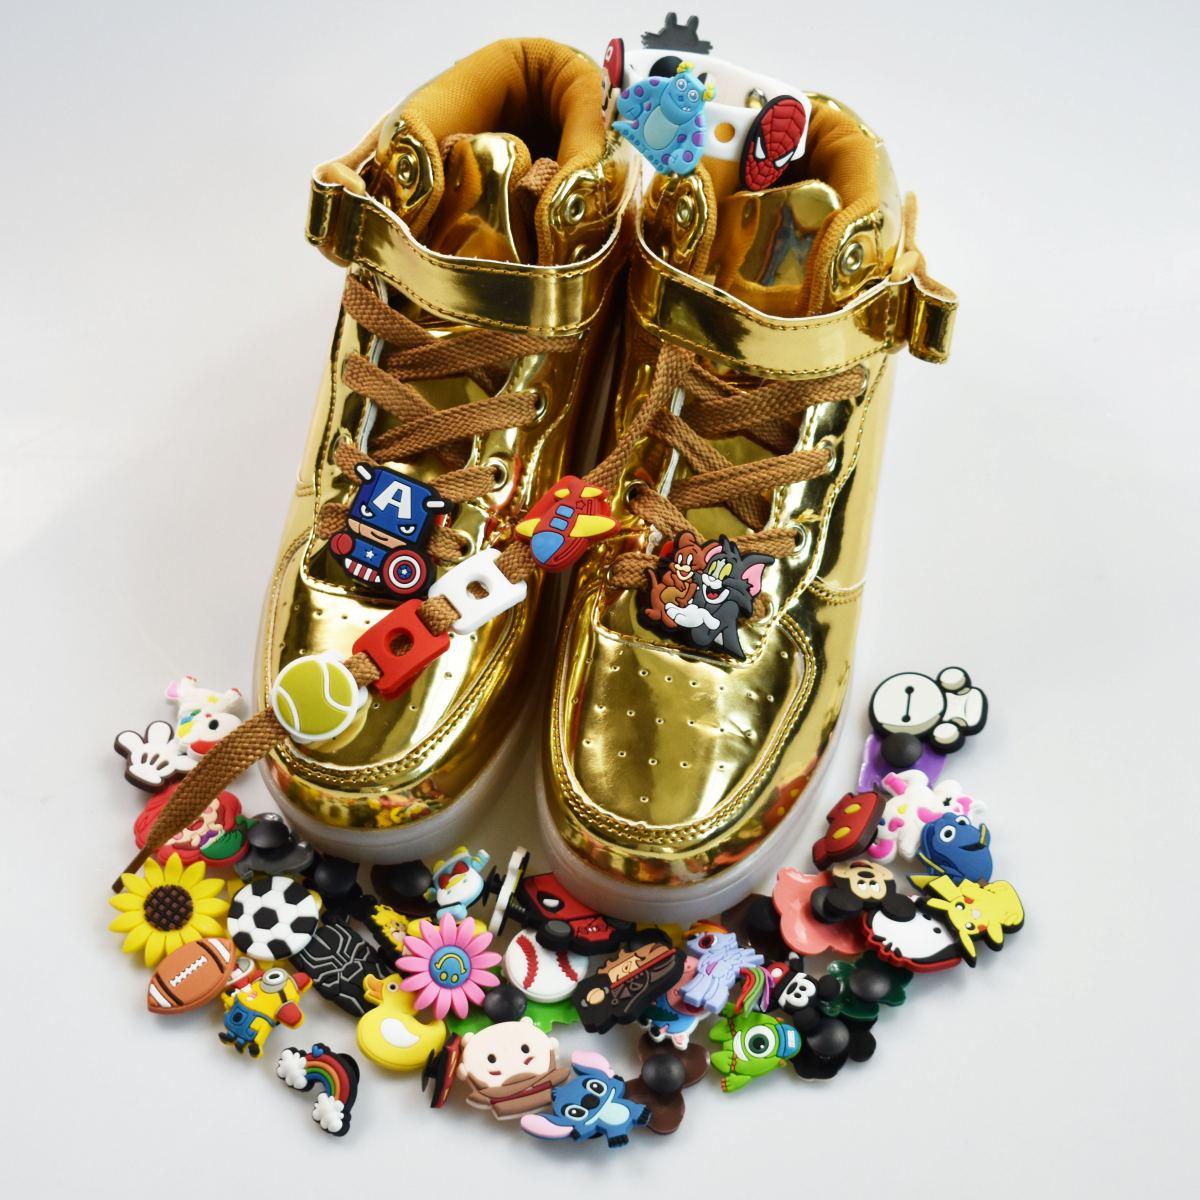 US Lot 50Pcs Different Shoes Charms Decorations Fit Croc Shoes Jibbitz Bands